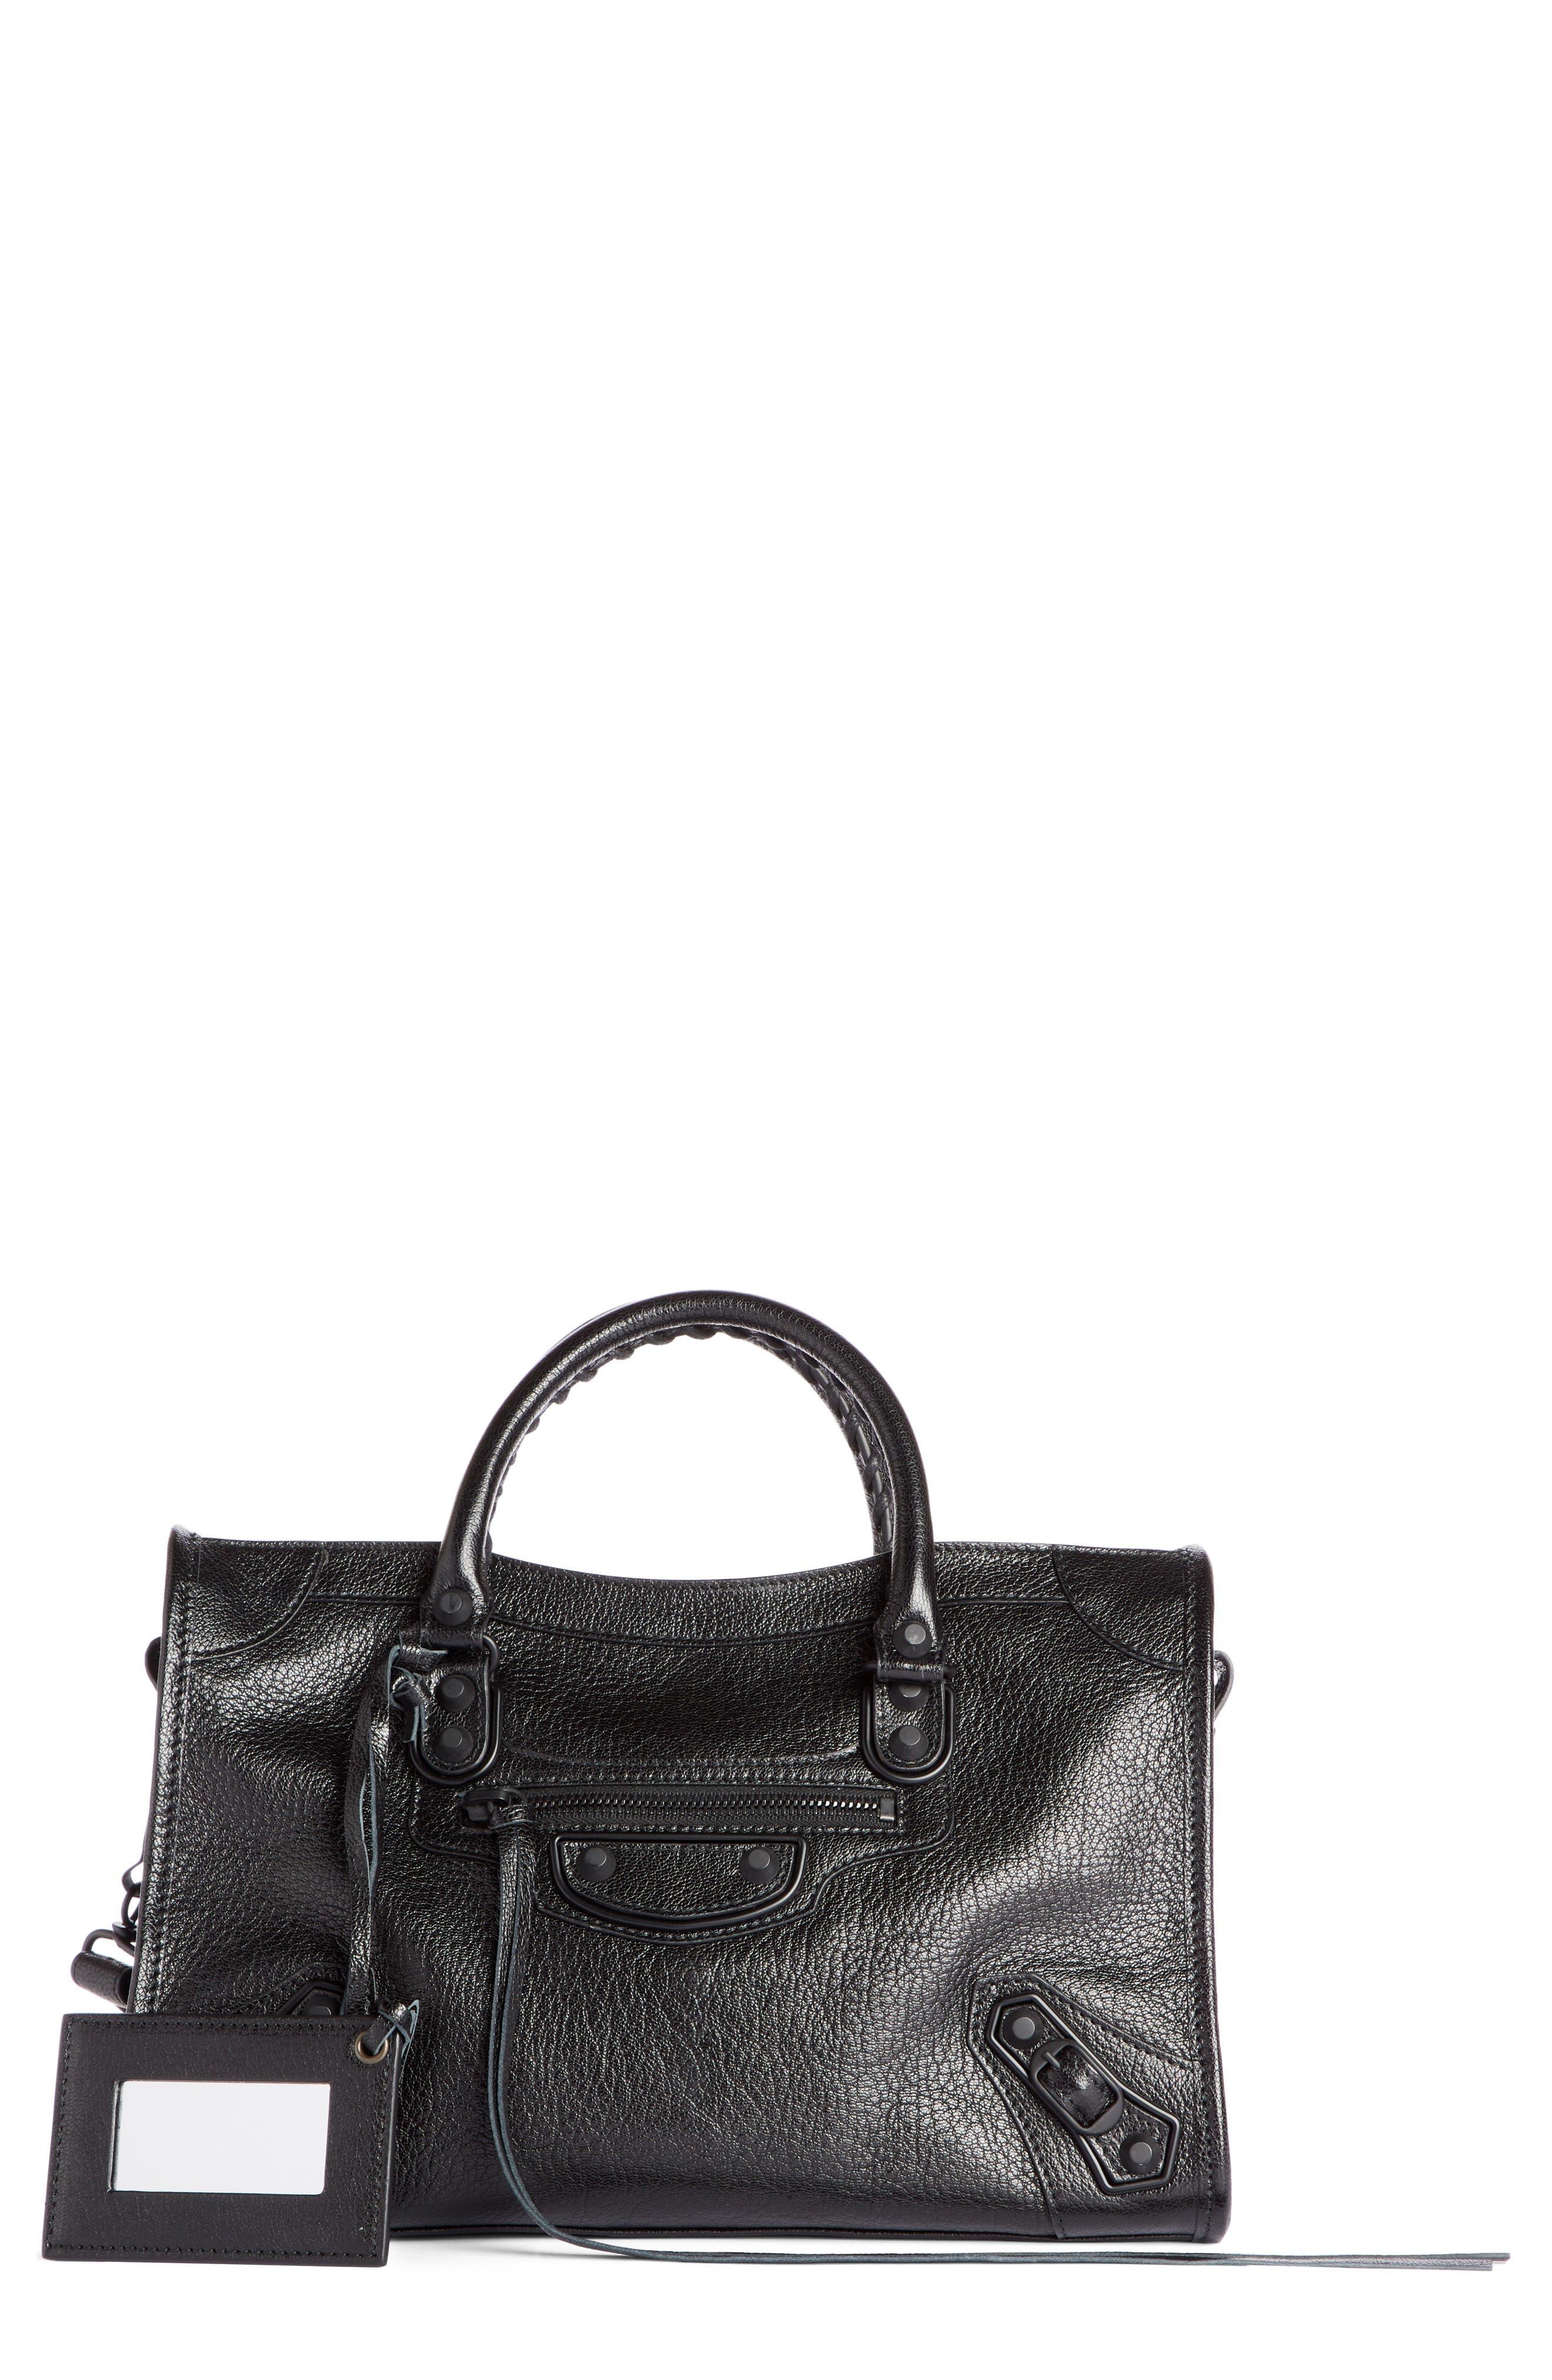 Balenciaga Small Classic City Leather Tote